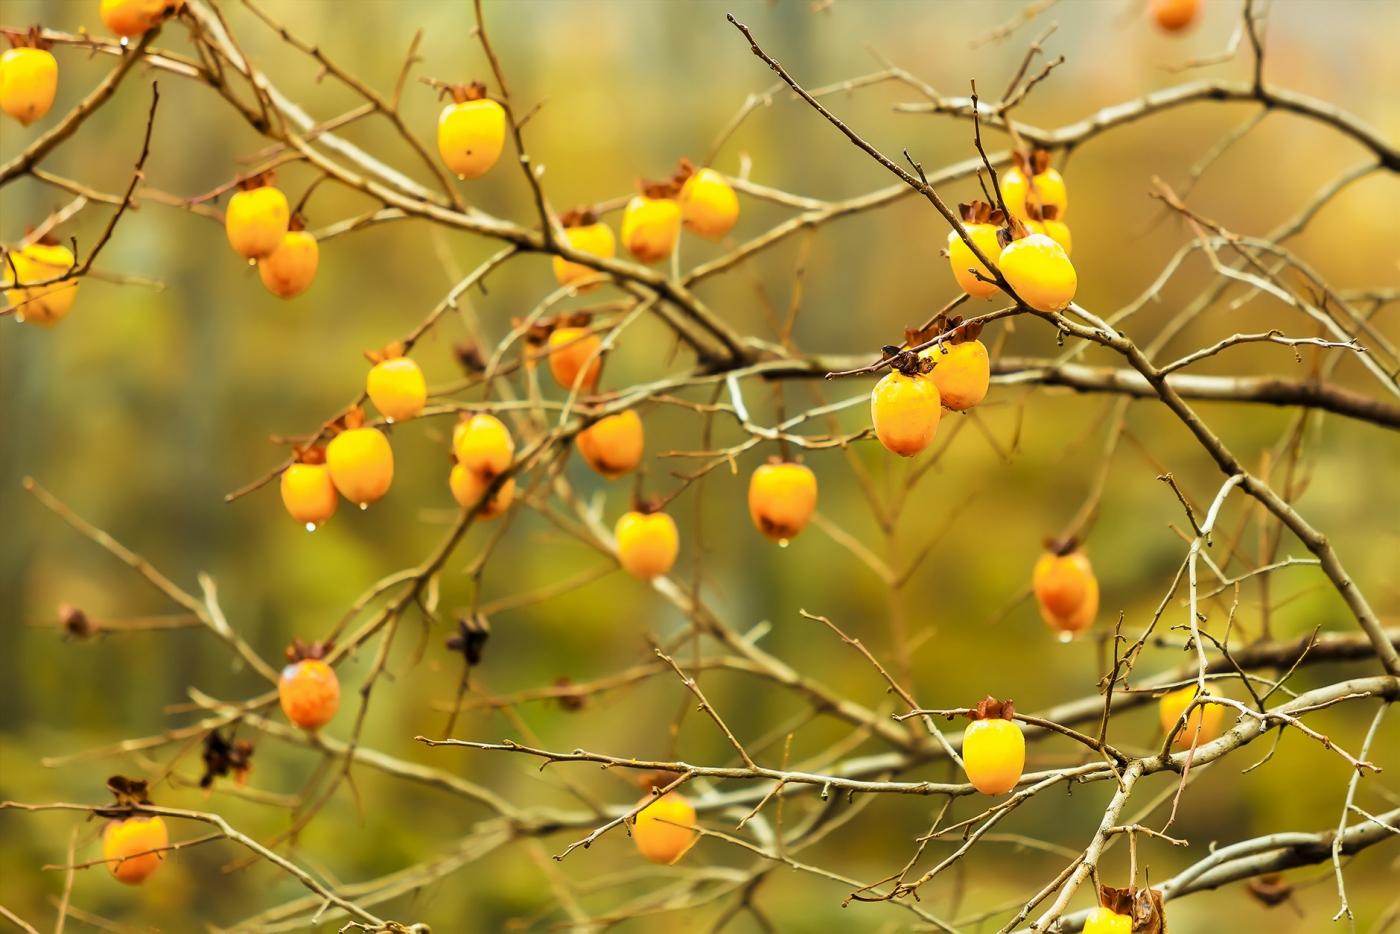 墙头累累柿子黄,人家秋获争登场---来自蒙山最后几枚柿子_图1-4